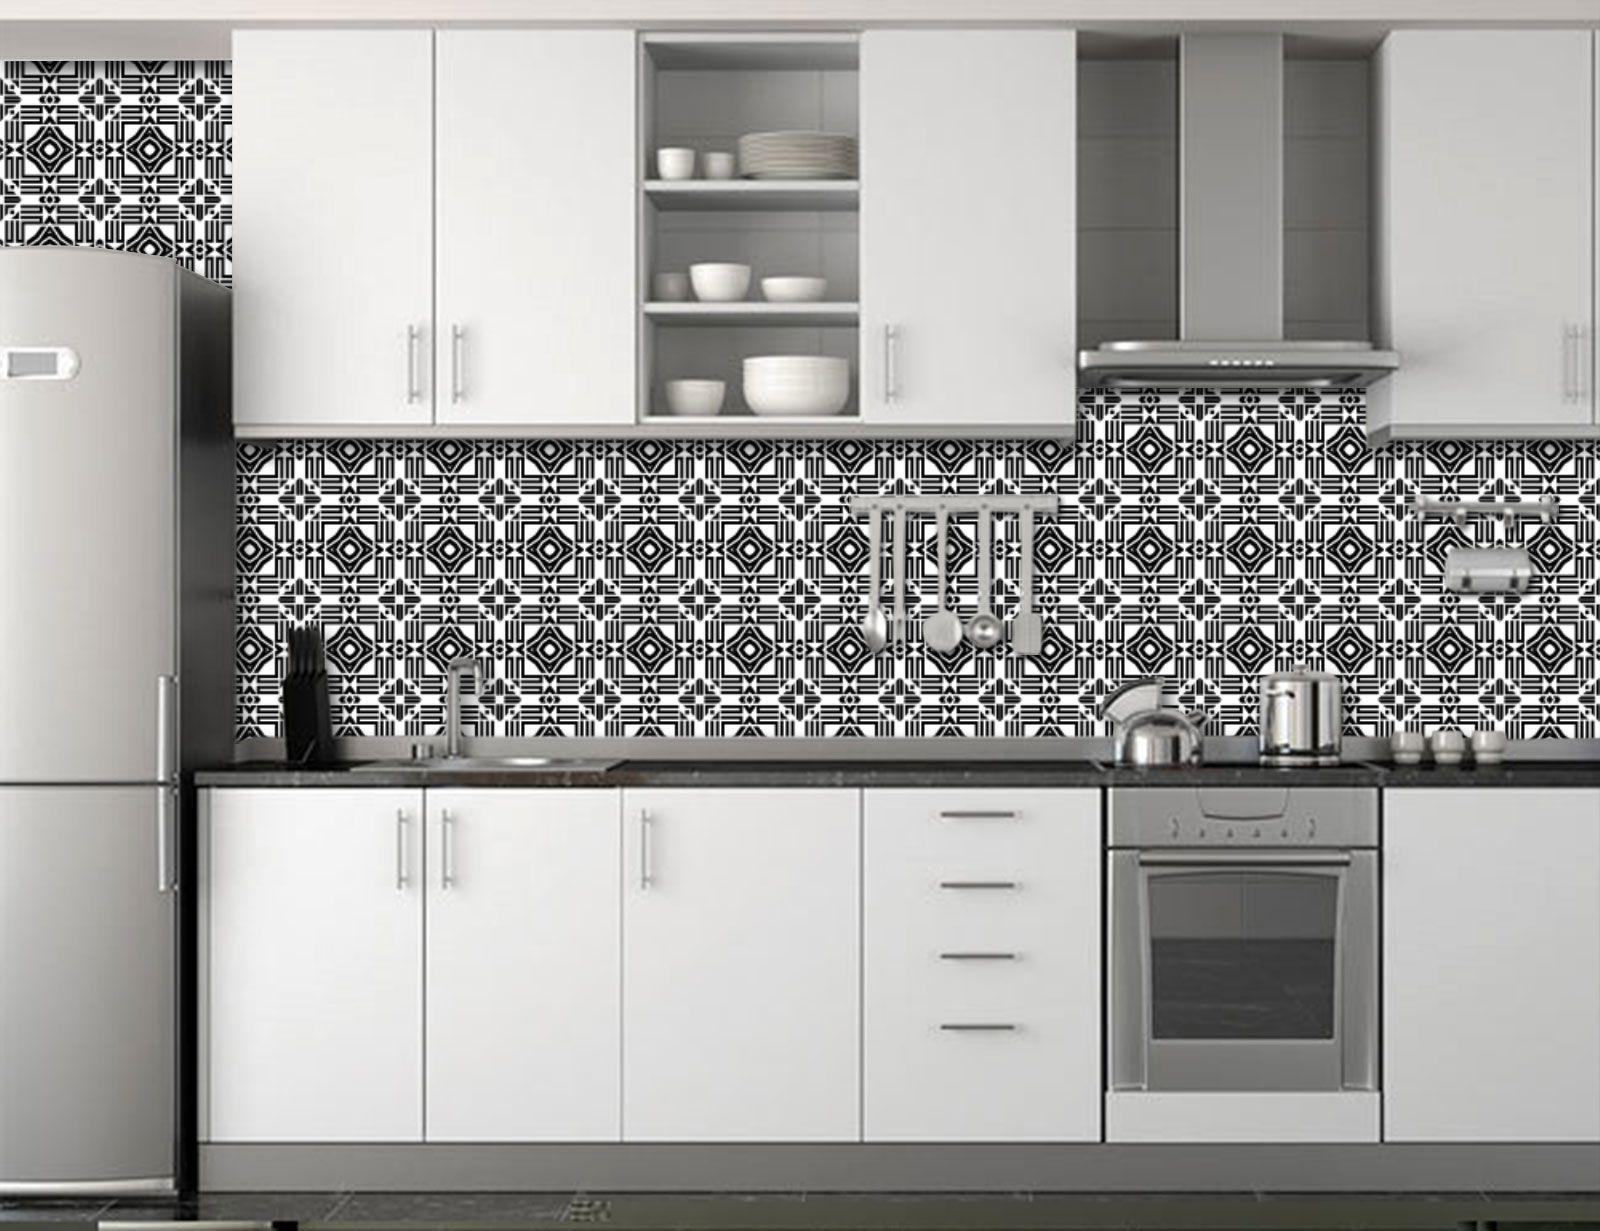 Papel de Parede para Cozinha Azulejos 0038 - Adesivos de Parede  - Paredes Decoradas